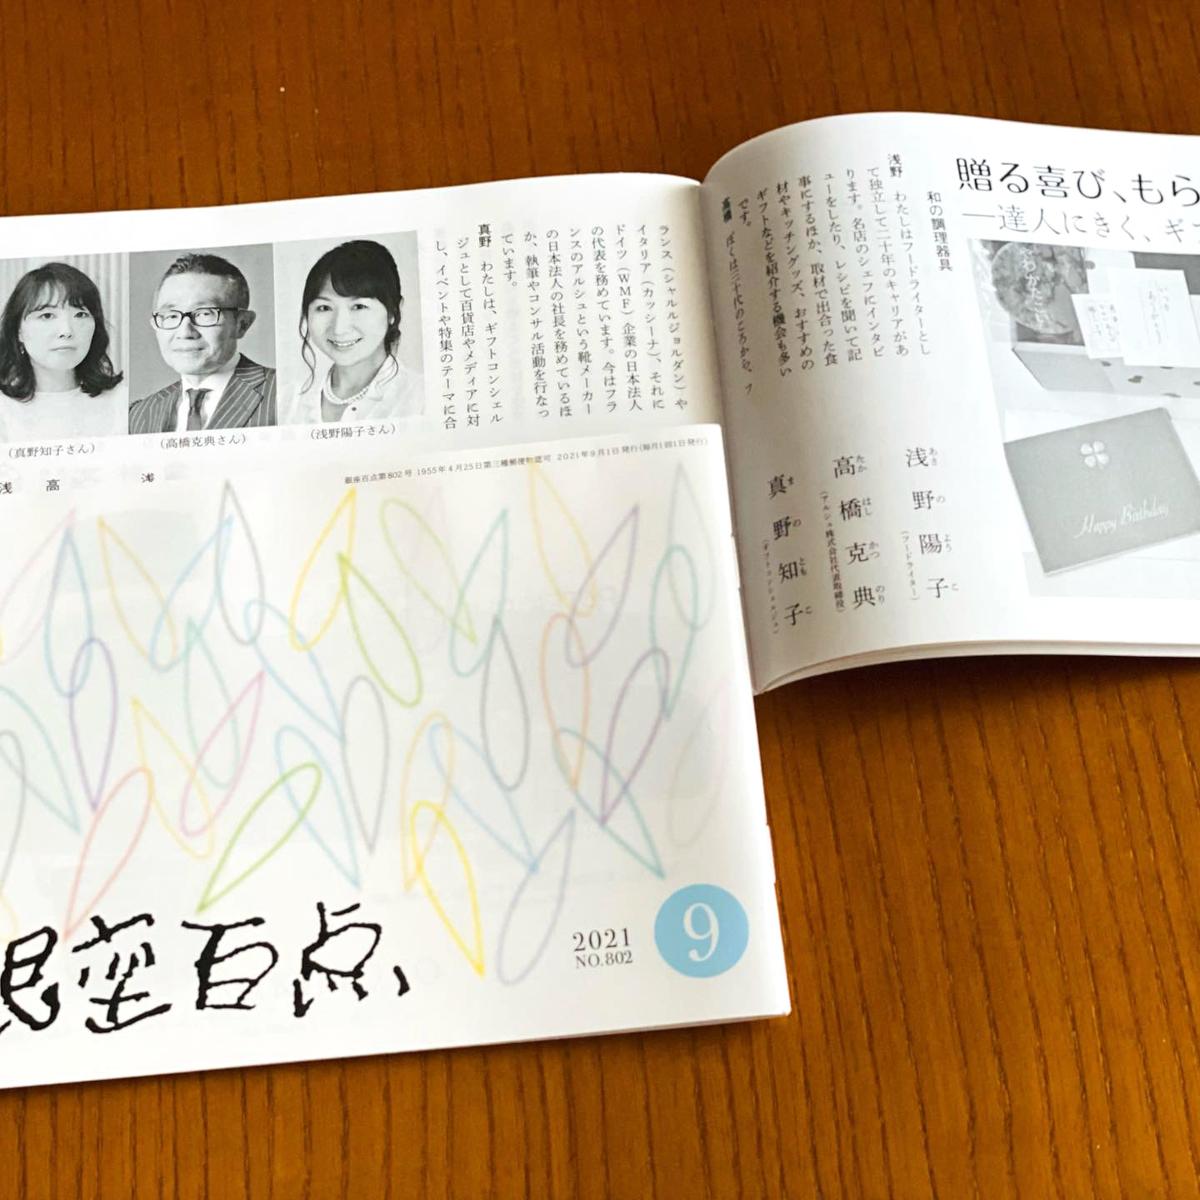 雑誌『銀座百点』の巻頭座談会のページの画像